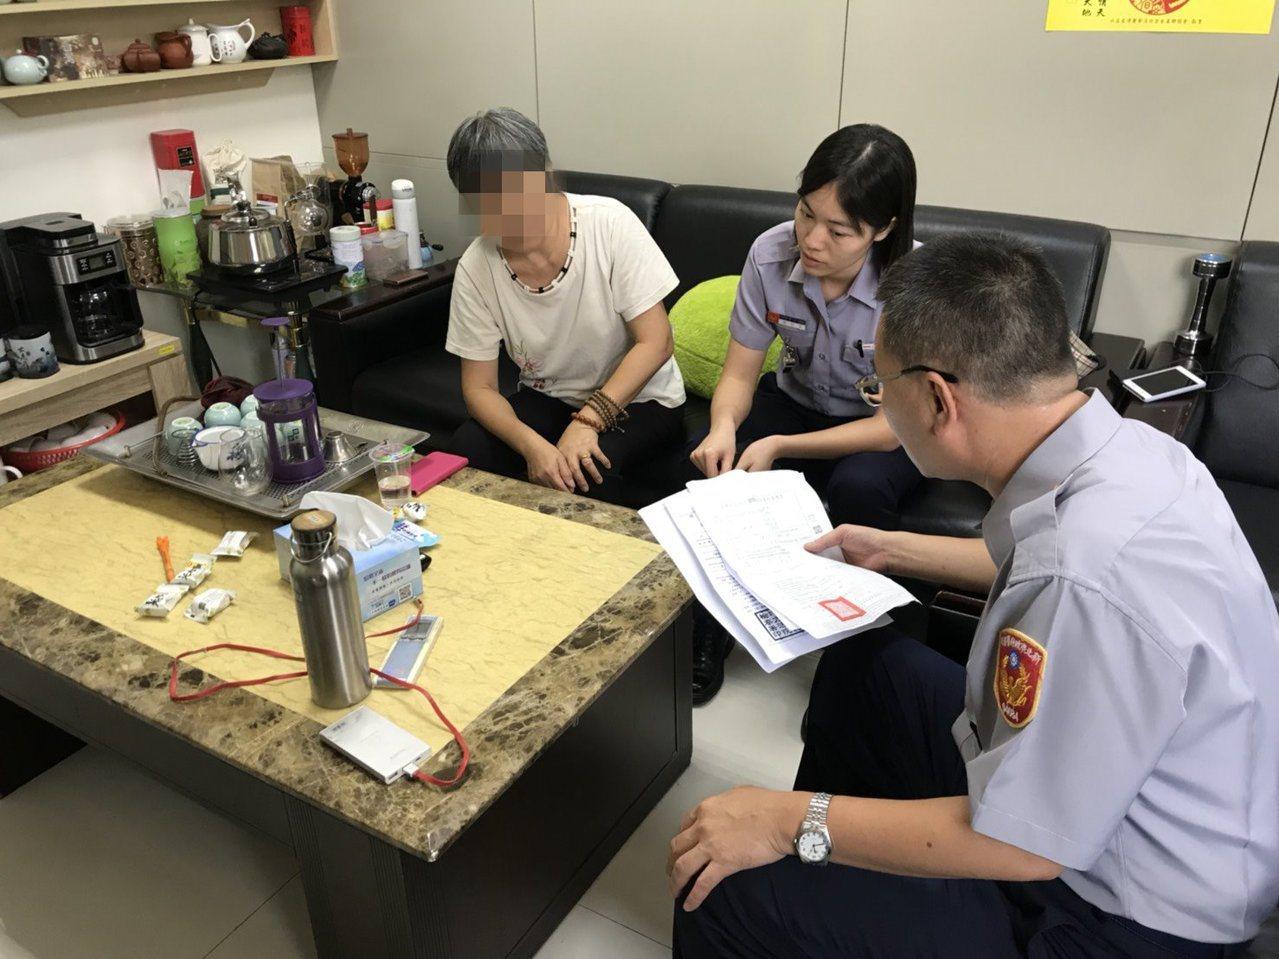 警方勸阻陳姓婦人,是遇上詐騙集團,不用匯款也不會被收押。記者袁志豪/翻攝